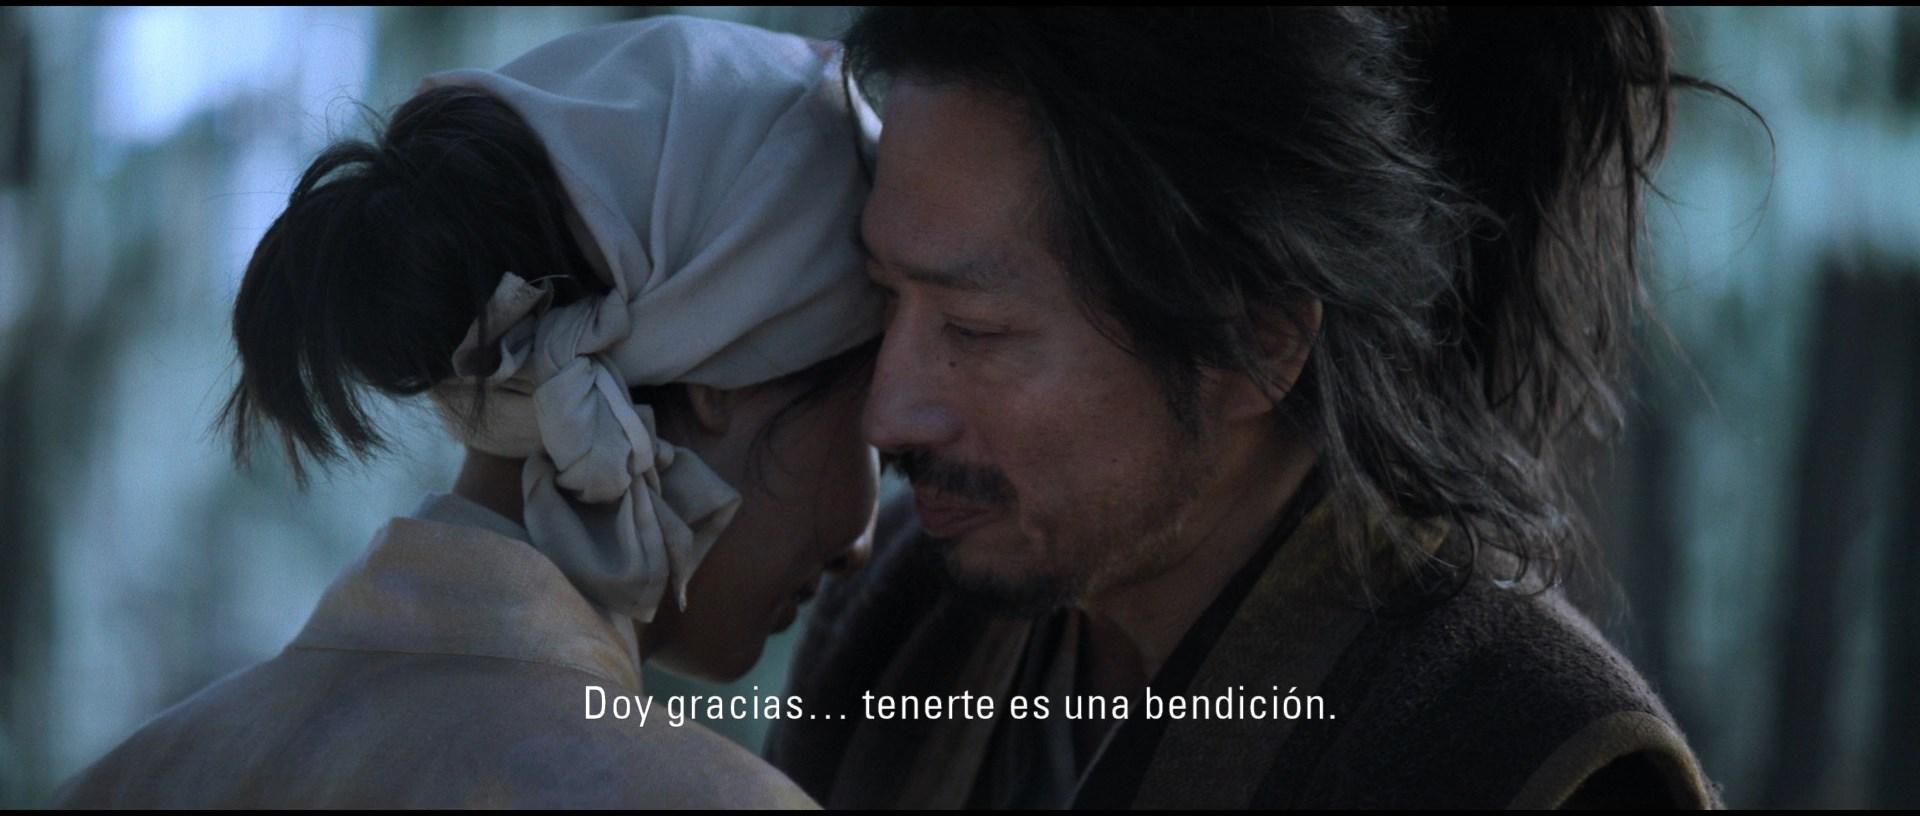 Mortal Kombat (2021) 1080p WEB-DL Latino